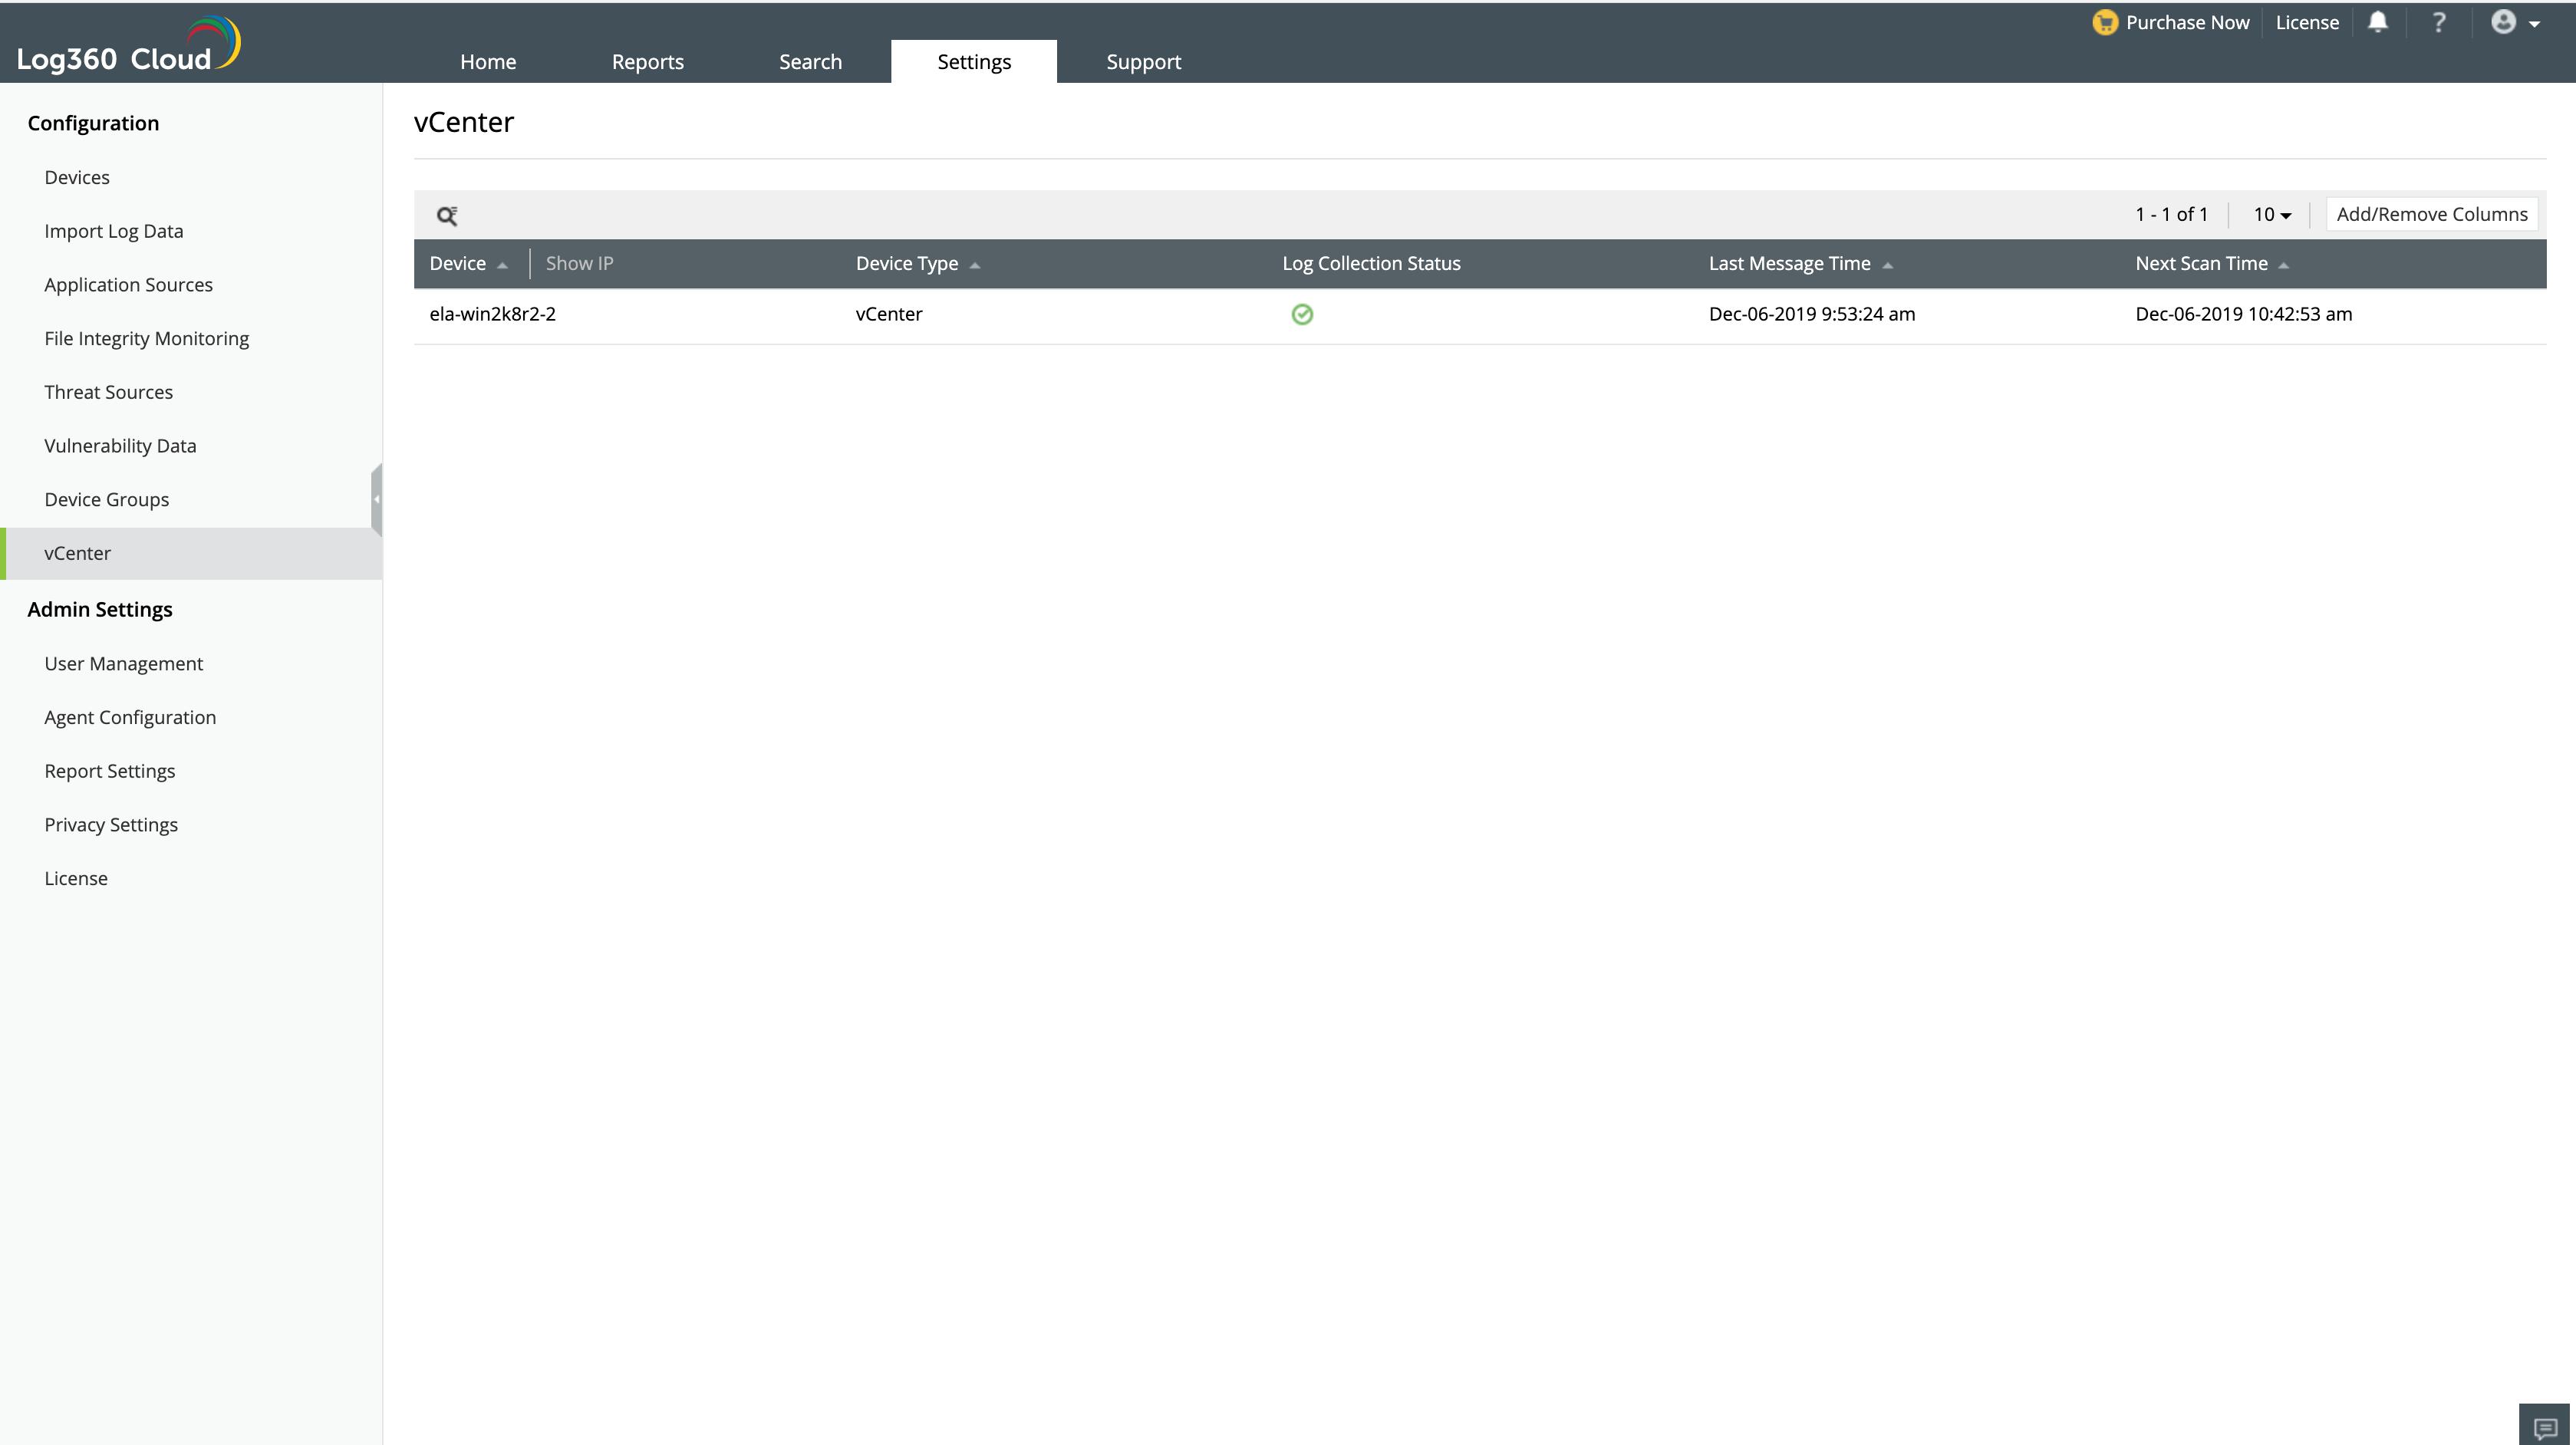 Import log data